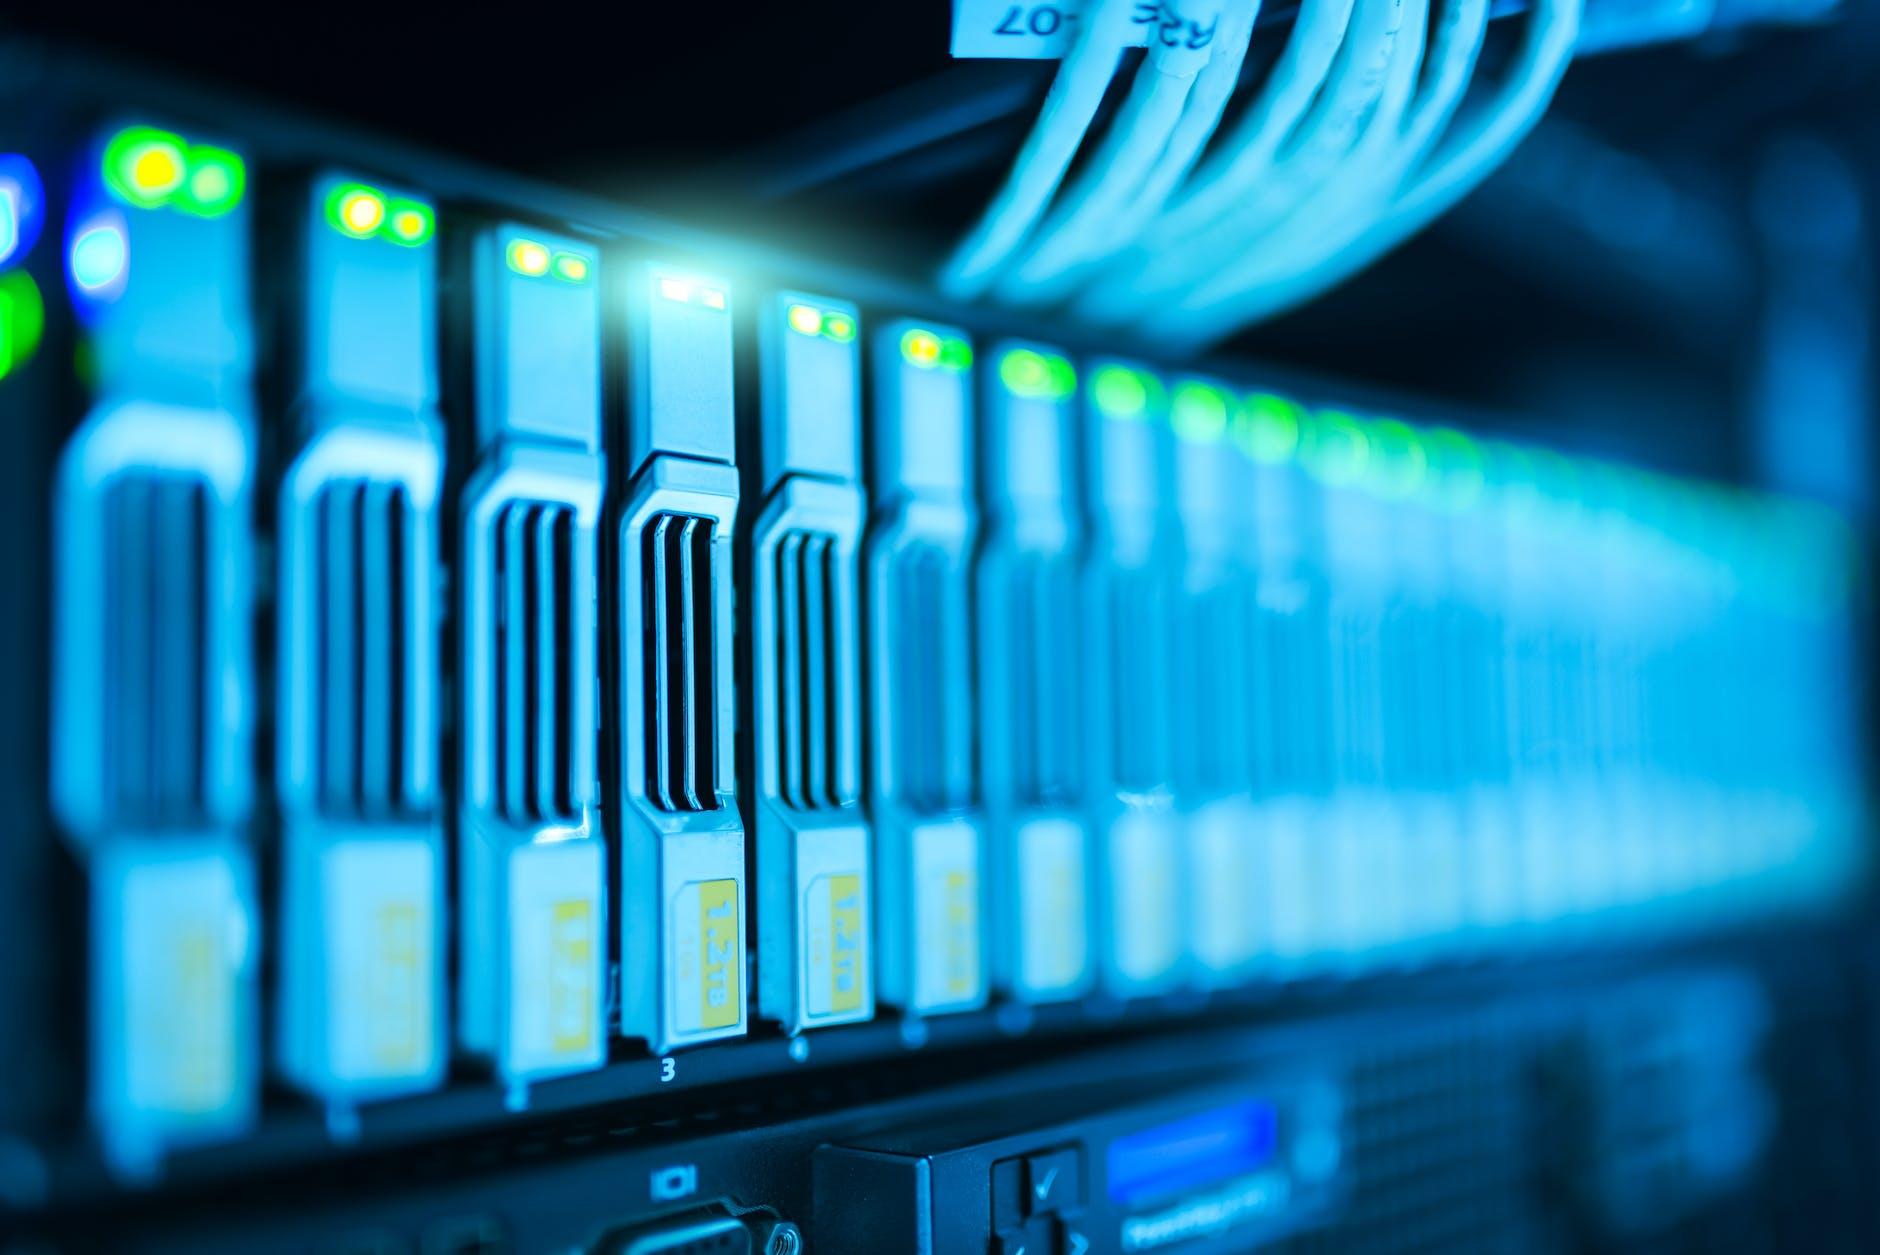 Manuales y tutoriales sobre Cloud Computing